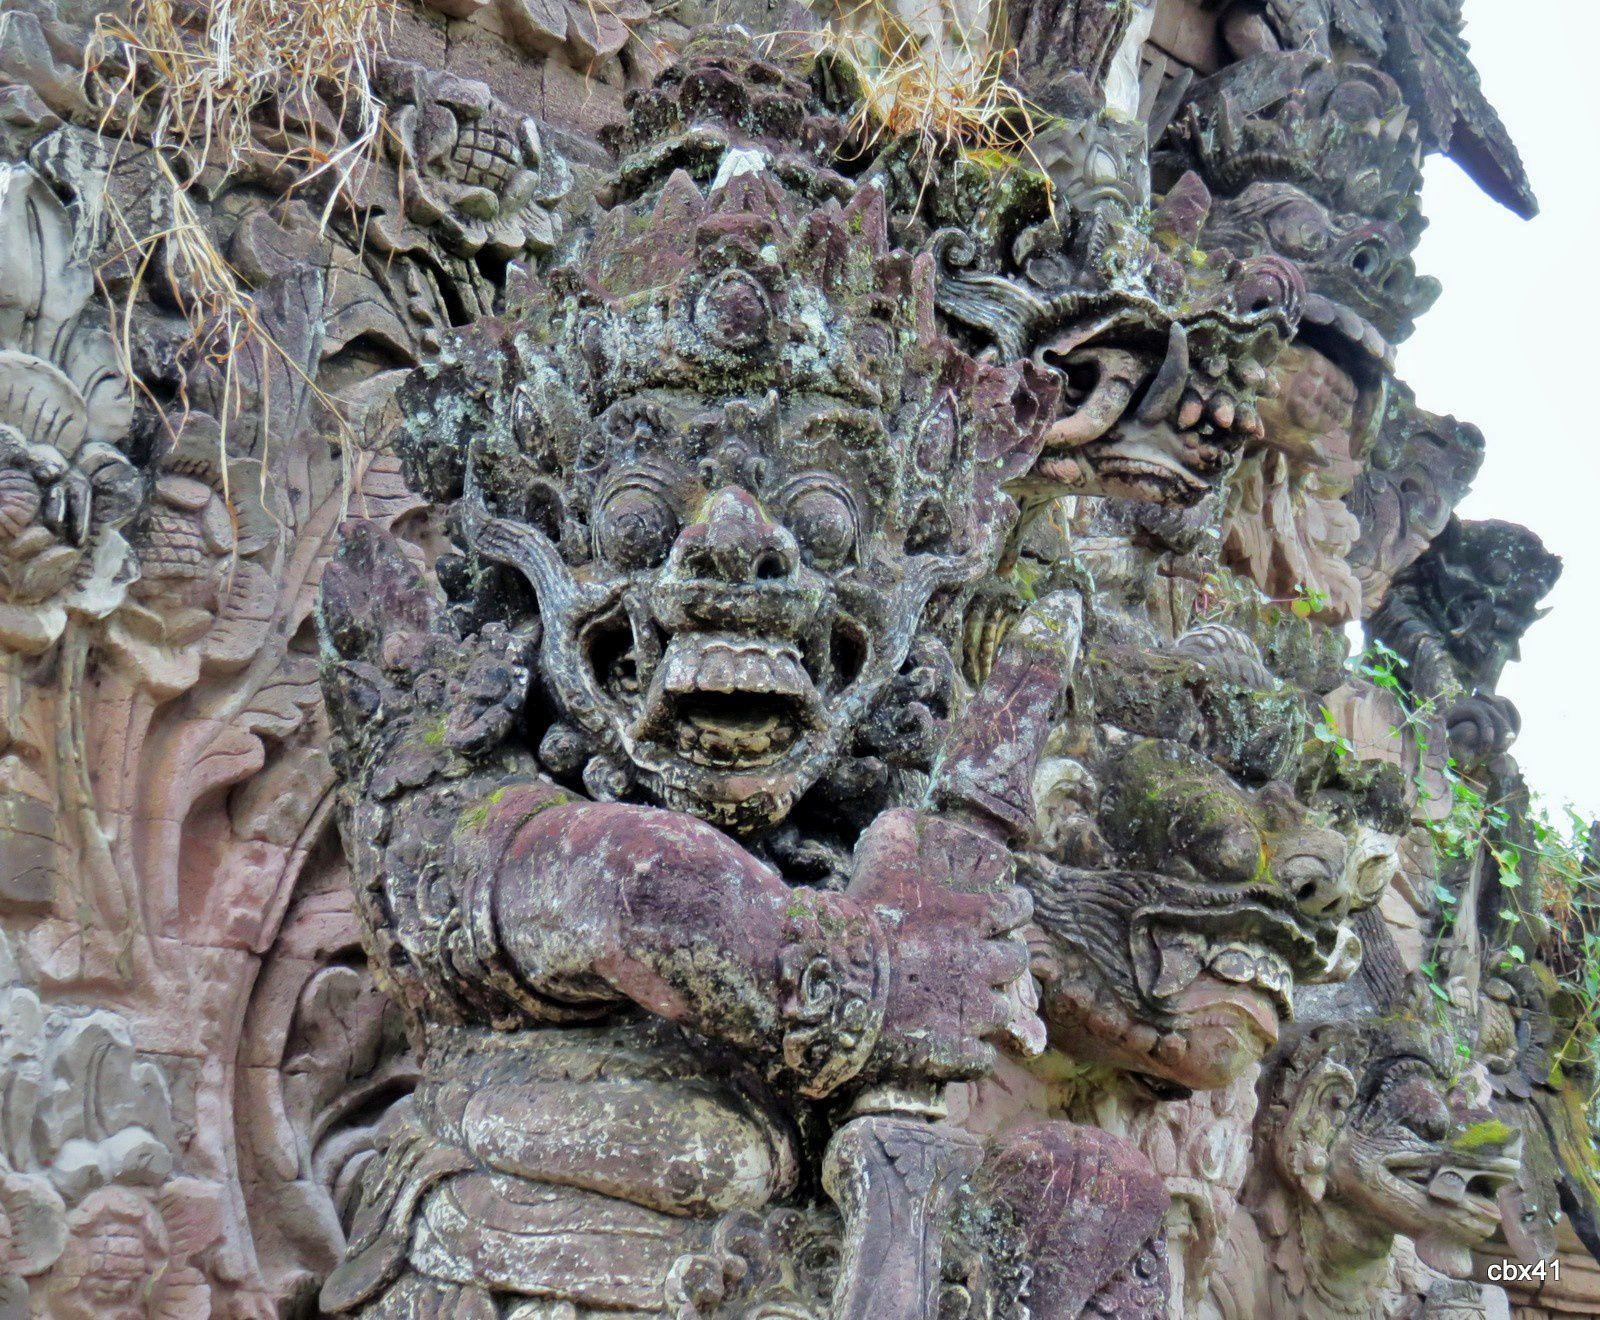 Le temple Pura Beji, l'entrée et ses démons (Bali, Indonésie)